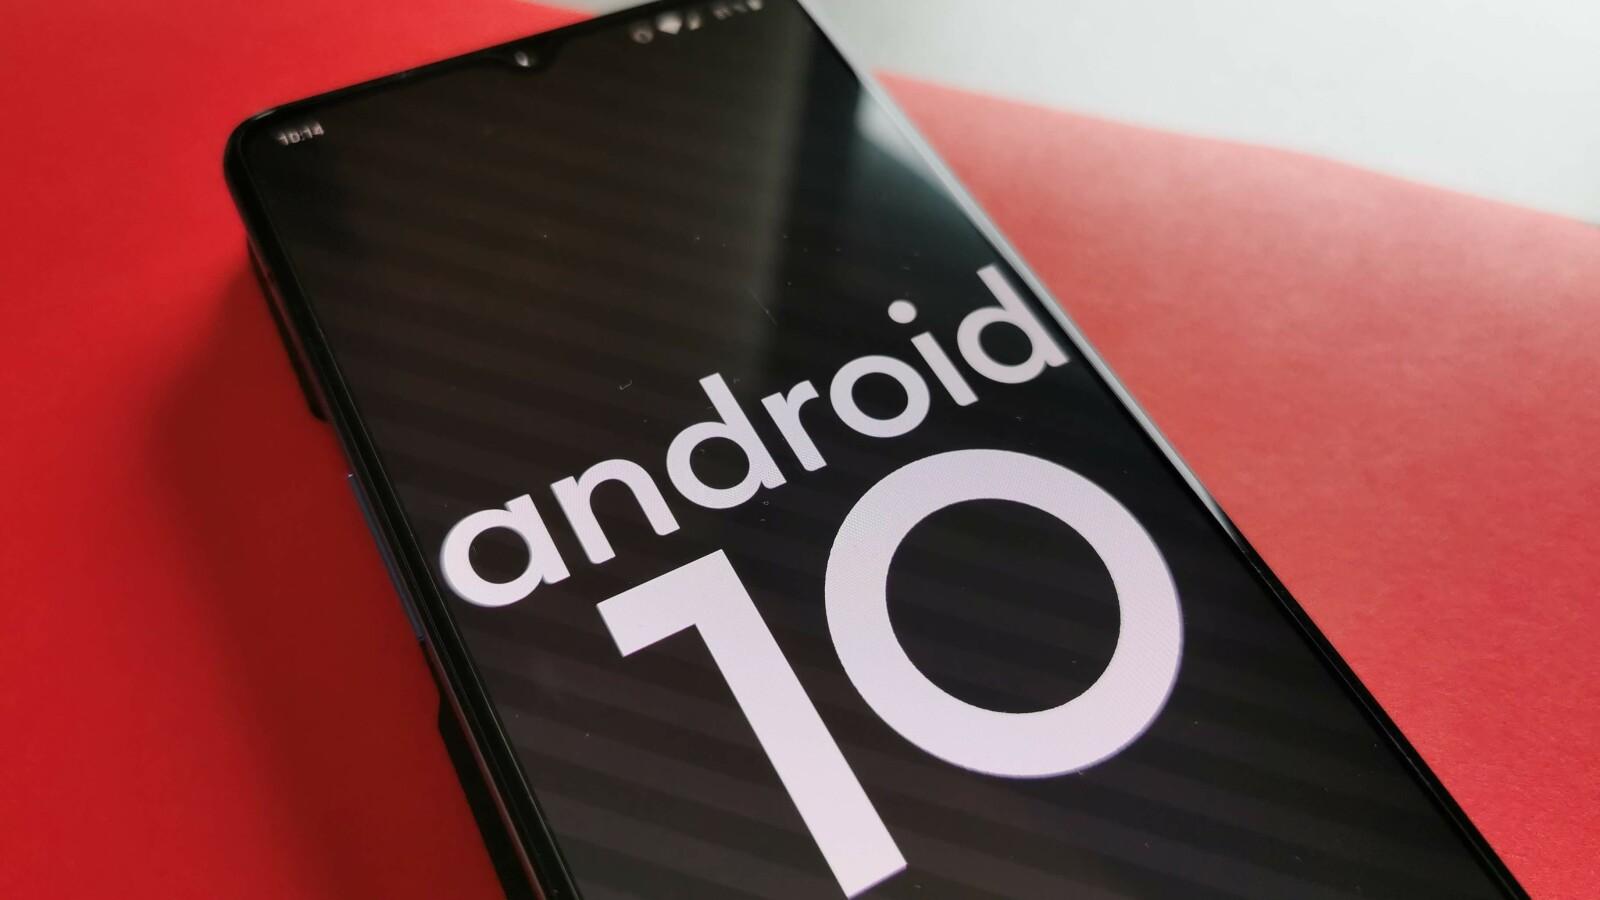 Android 10: So steht es um den Rollout bei Samsung, Huawei und Co.